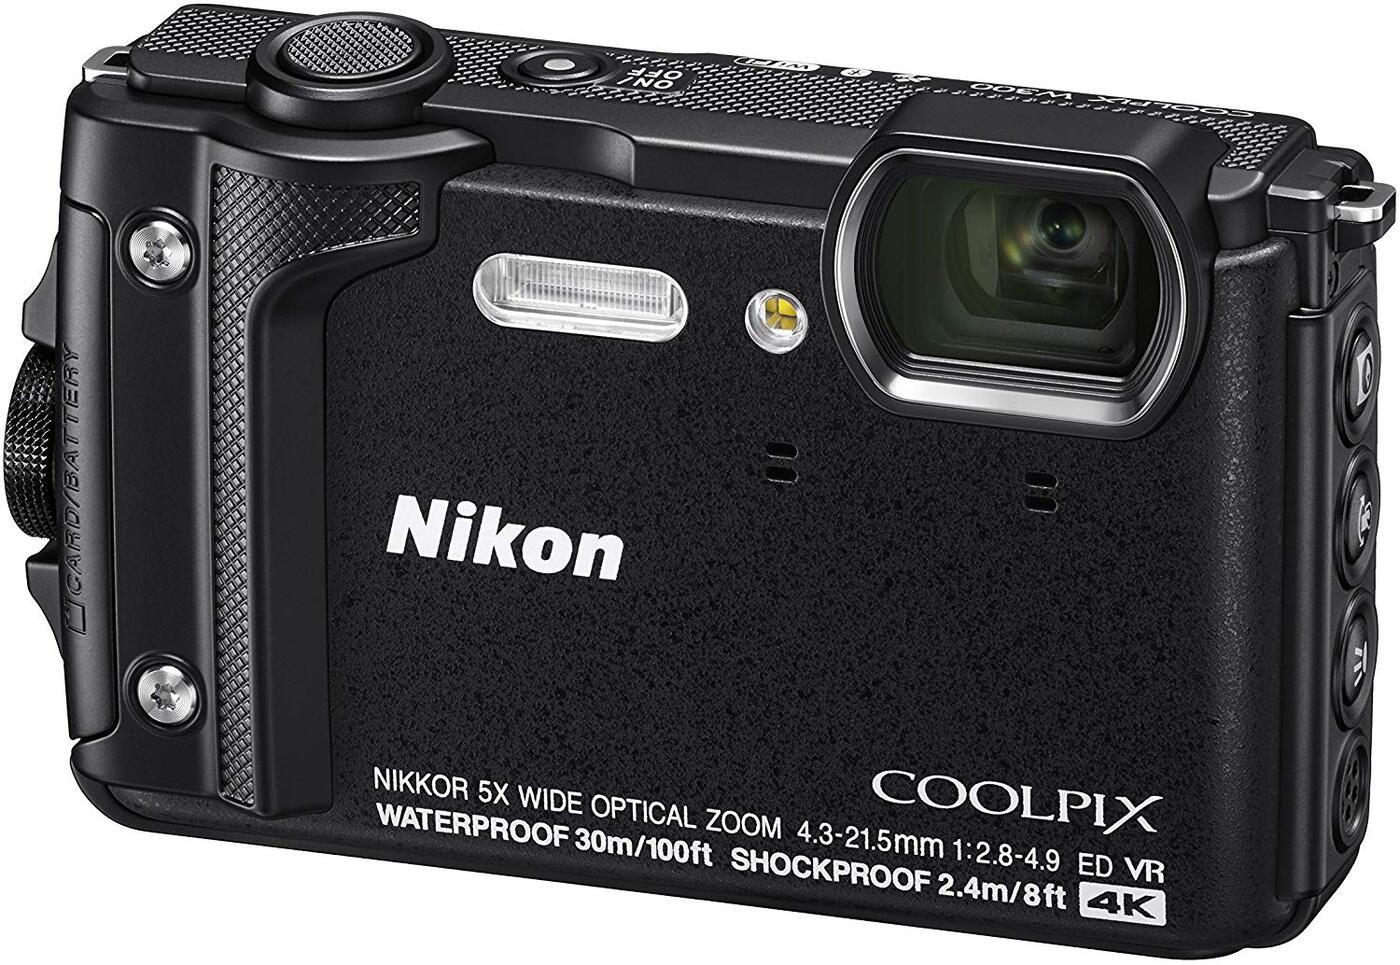 компактные фотоаппараты никон новинки какой-то